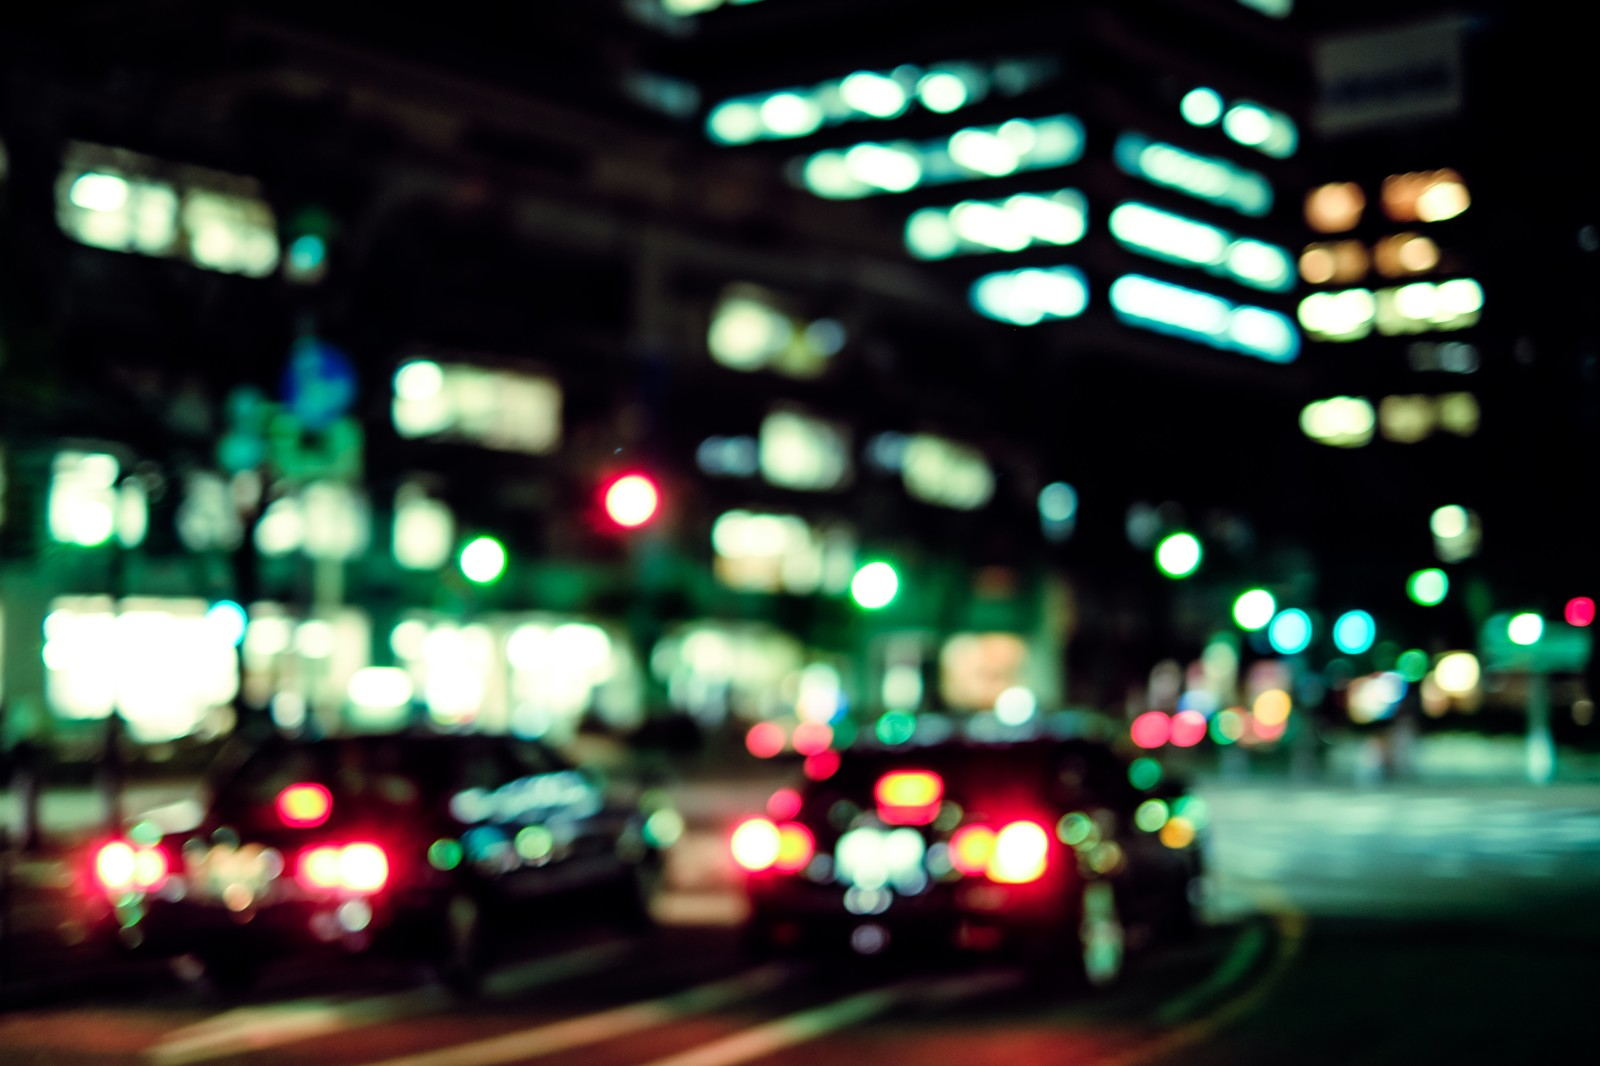 「交通量の多い深夜のオフィス街交通量の多い深夜のオフィス街」のフリー写真素材を拡大